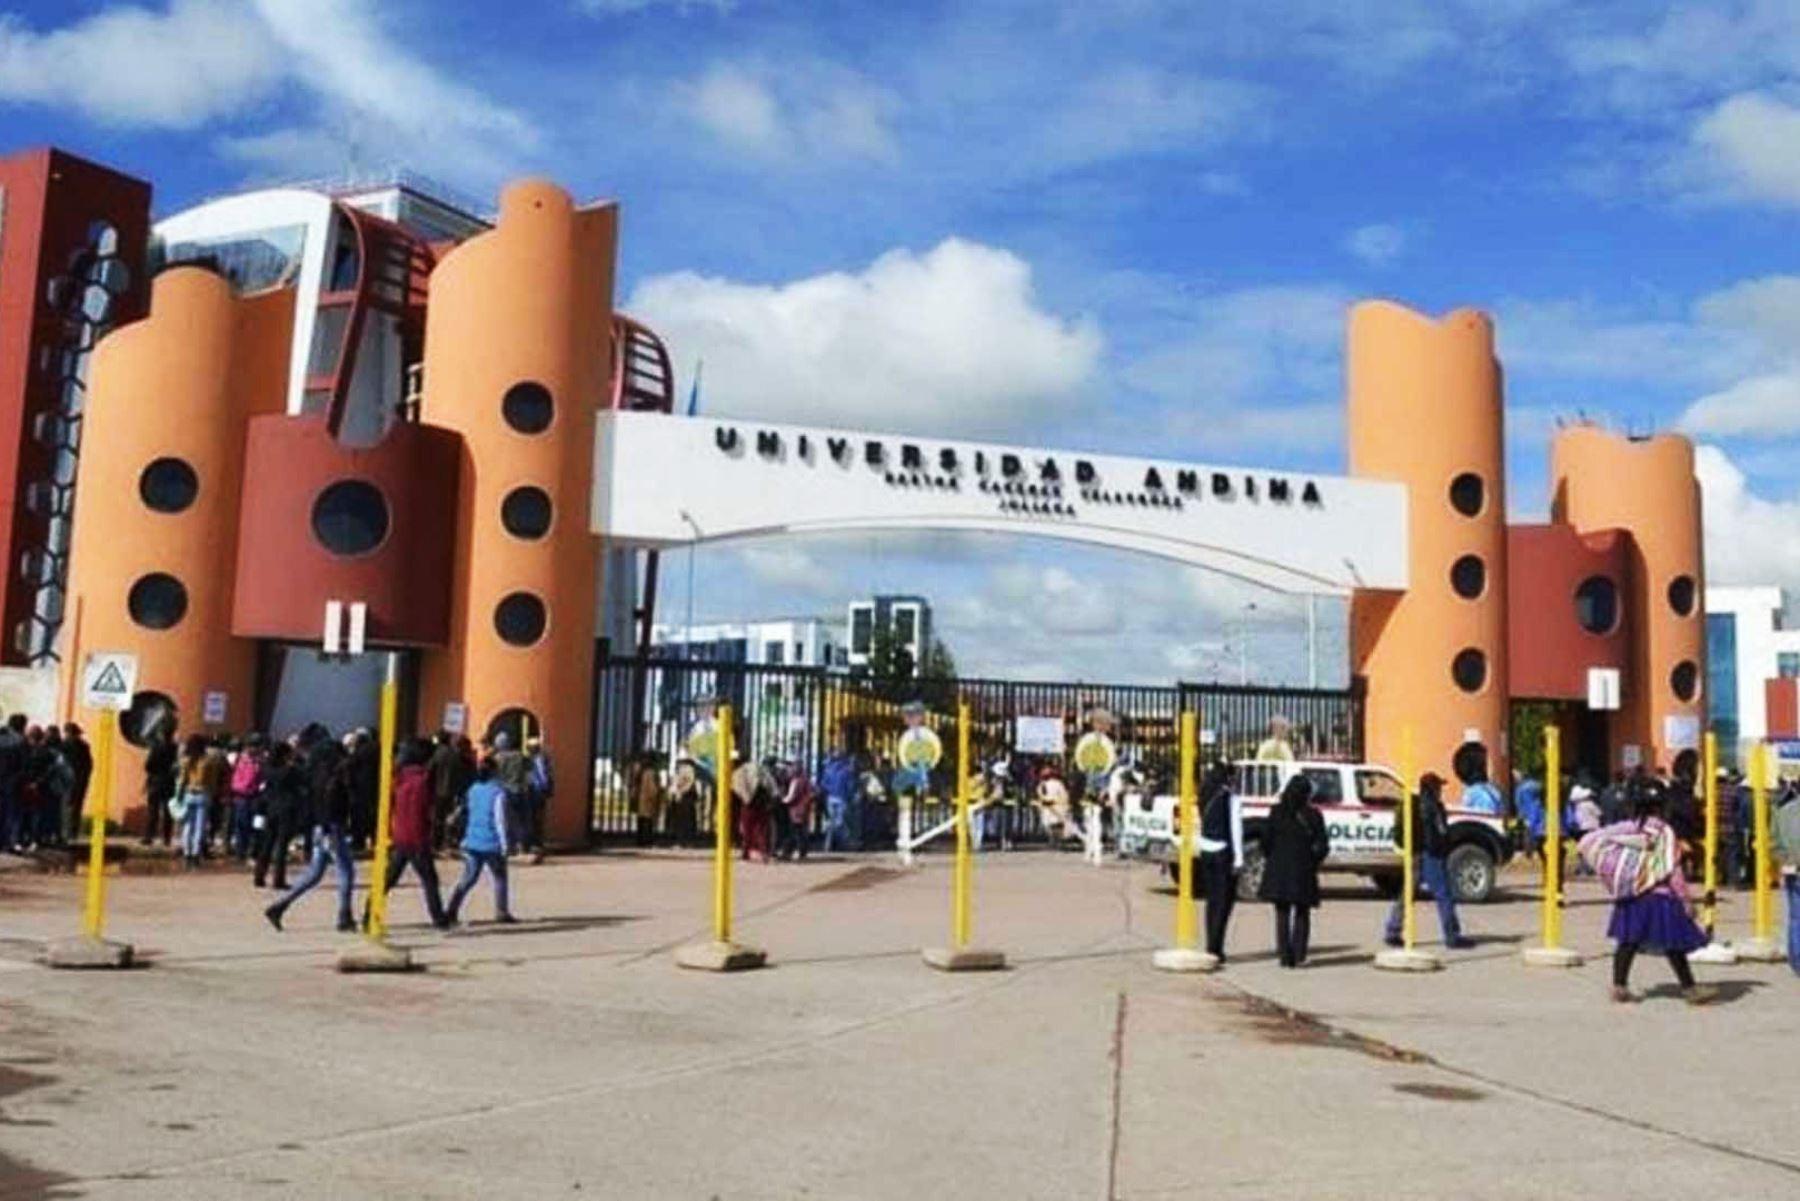 Fiscalía de Puno solicita prisión preventiva contra exrectores de la Universidad Andina de Juliaca. ANDINA/Difusión